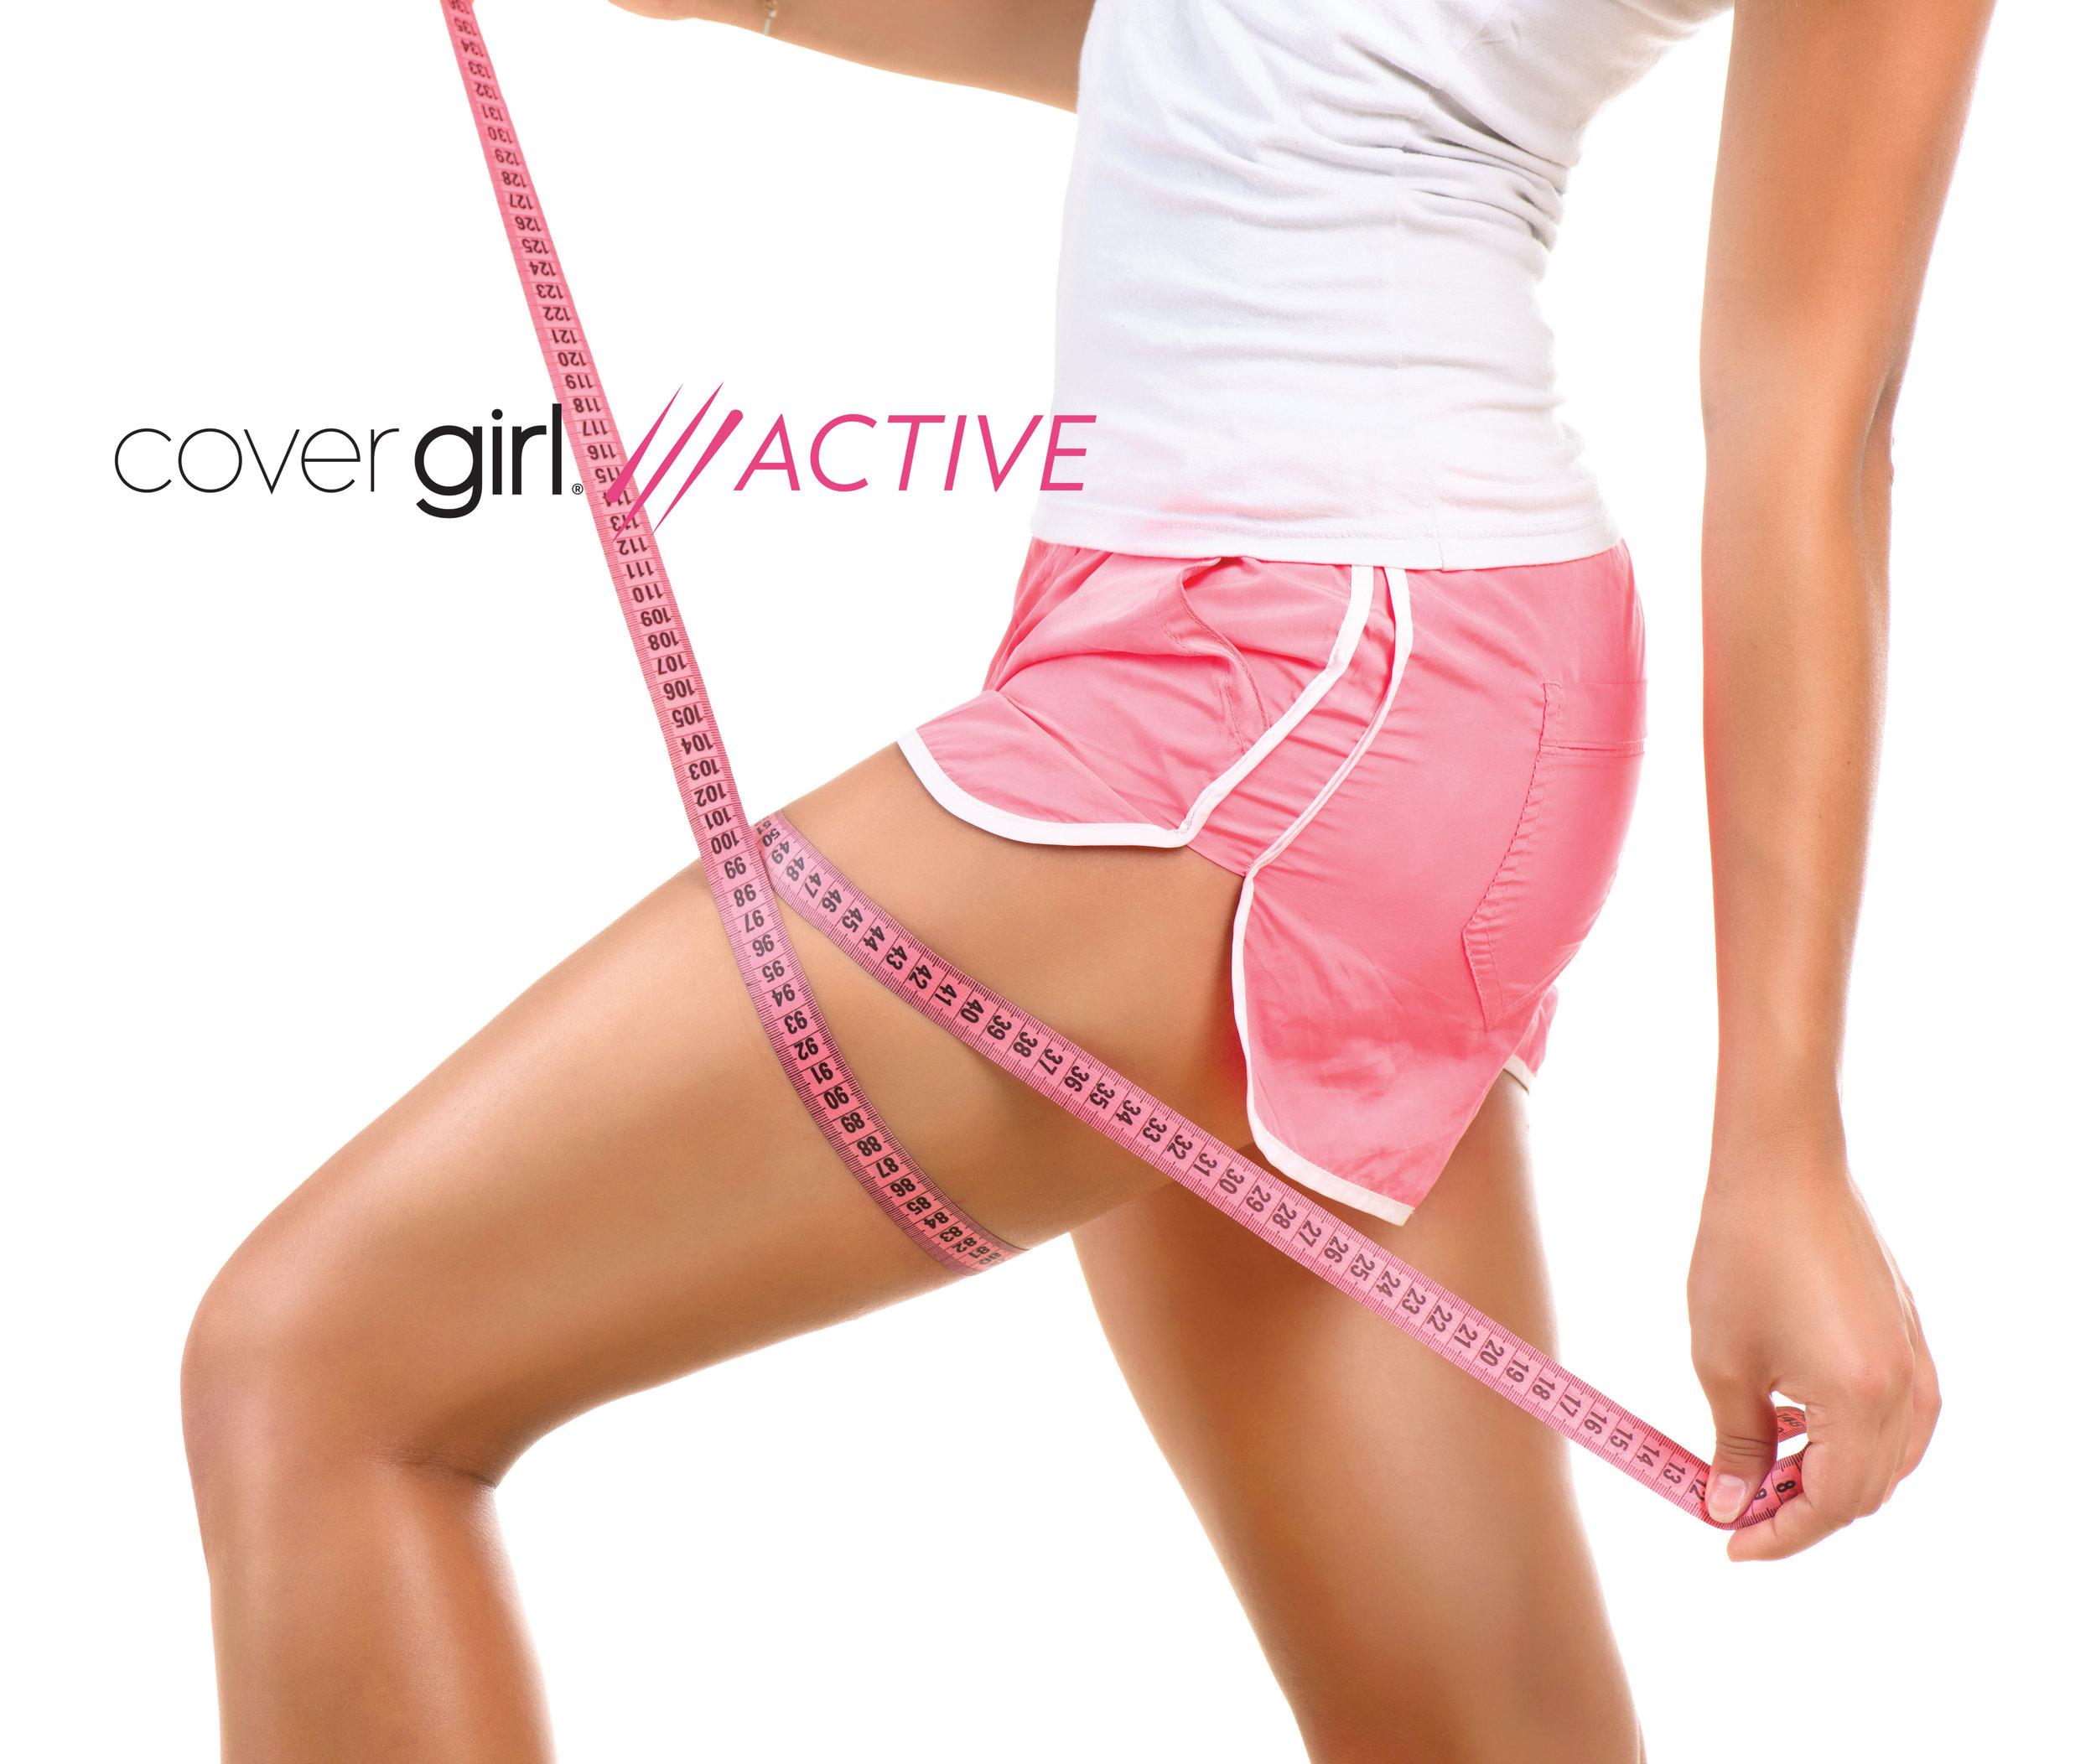 Cover Girl tape measurer.jpg